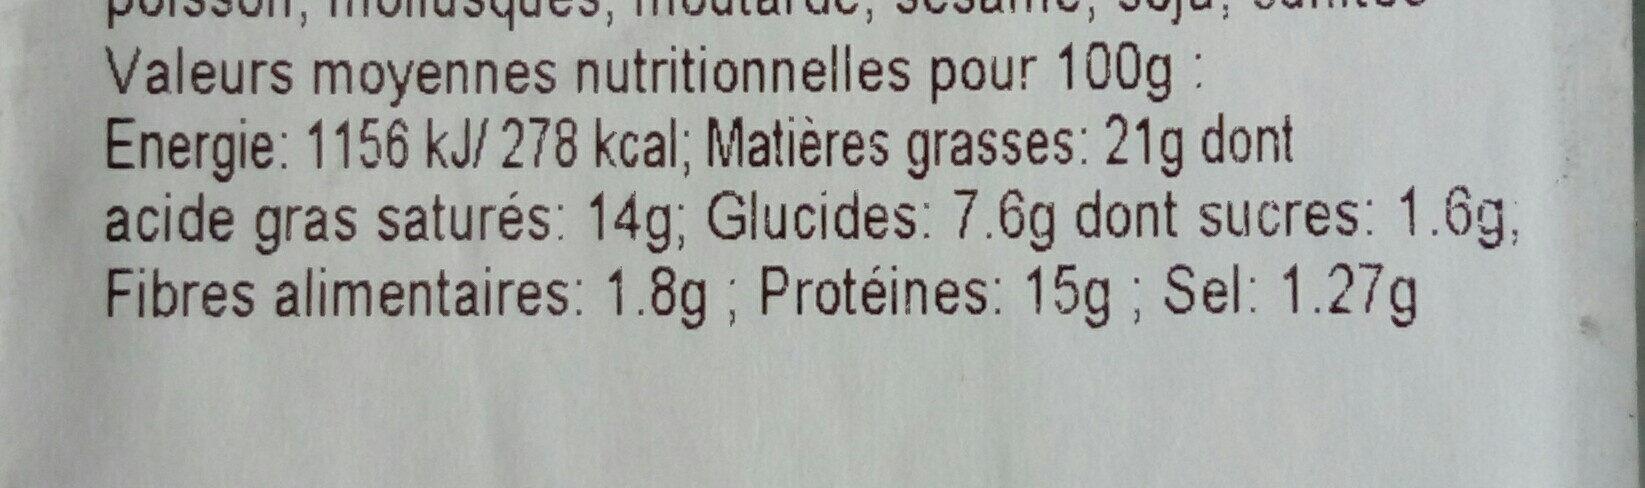 soufflés a l emmental - Informations nutritionnelles - fr